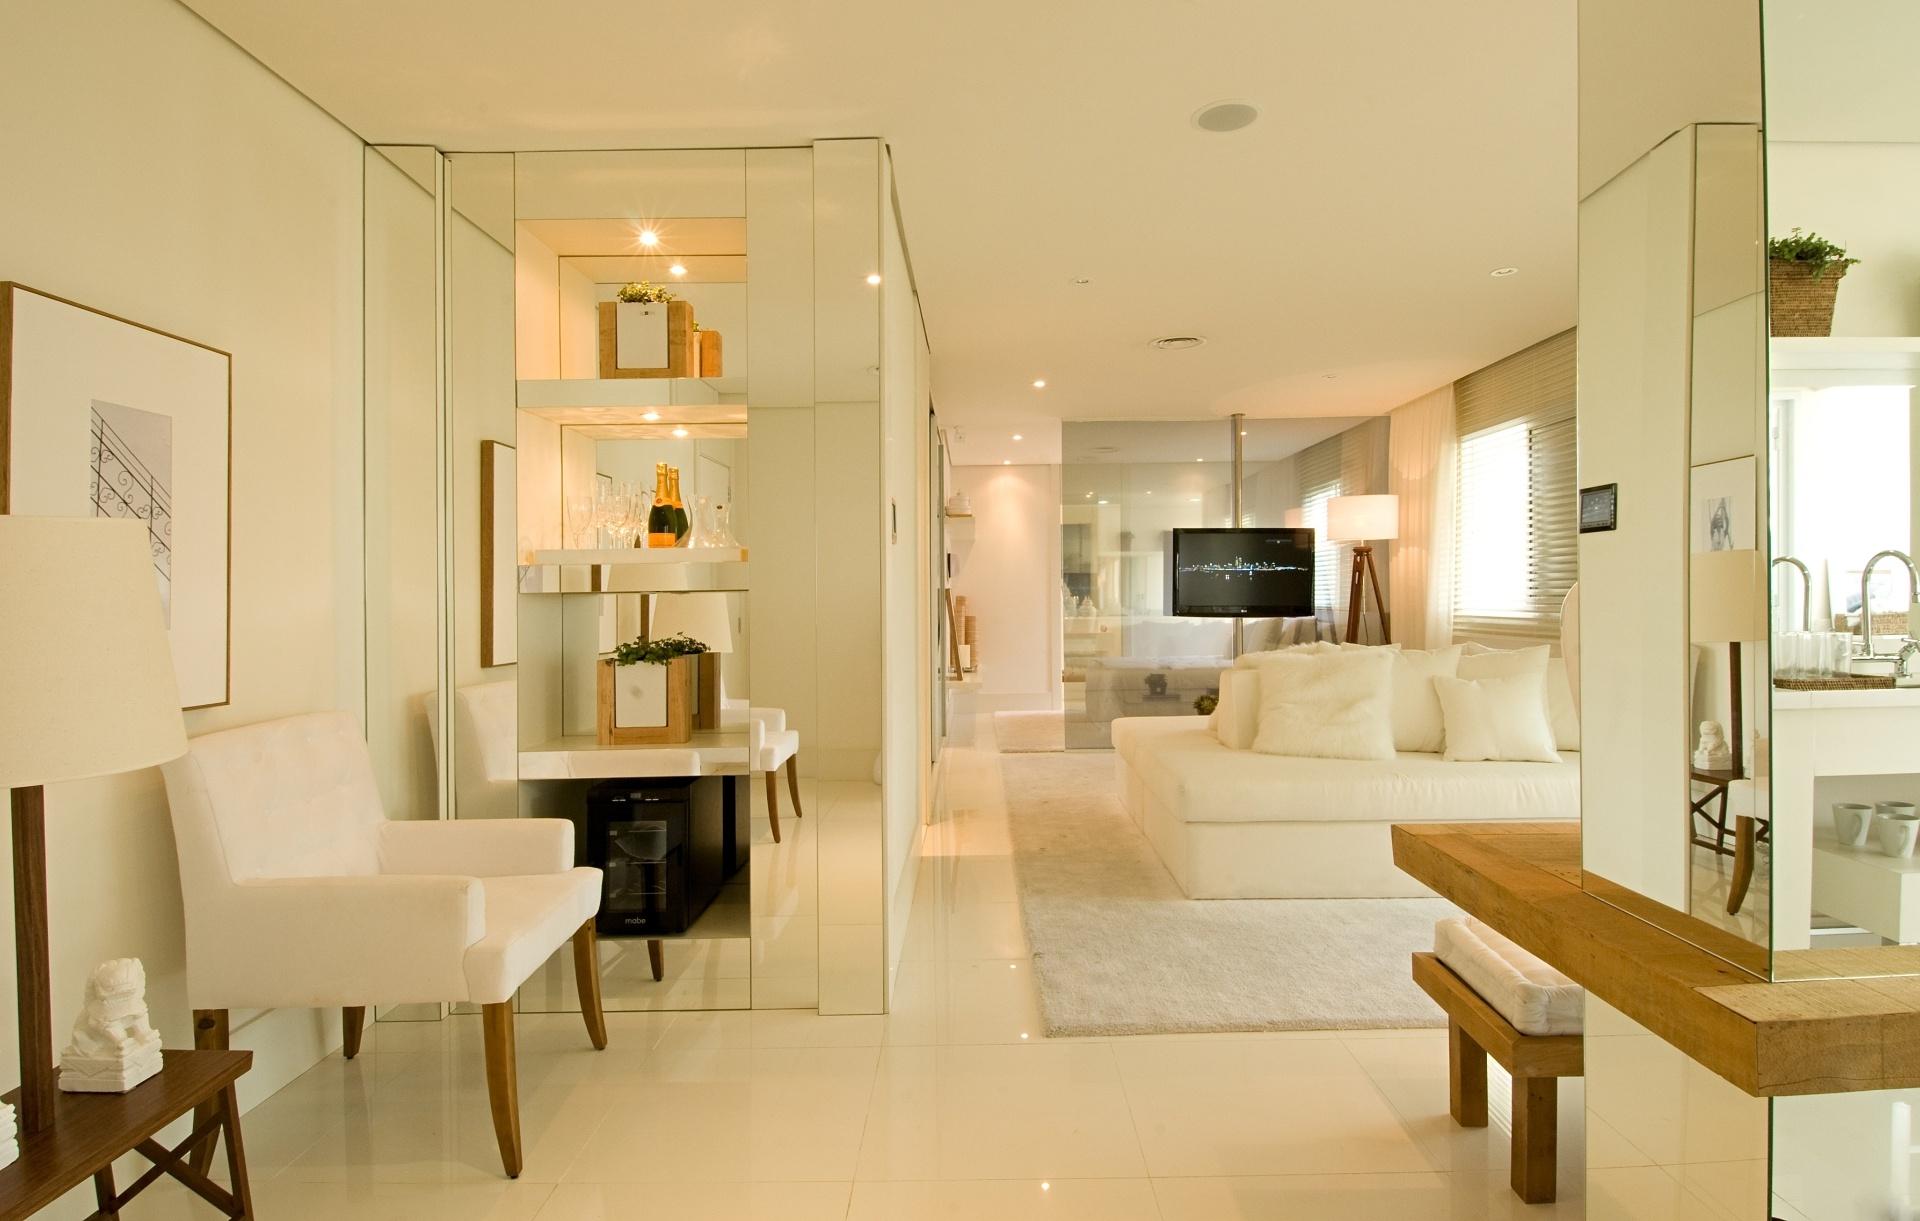 O jogo de espelhos e os revestimentos de piso e parede brancos deram unidade ao imóvel planejado pela arquiteta Débora Aguiar, que também optou por mobiliário, no mesmo tom, em contraponto à madeira